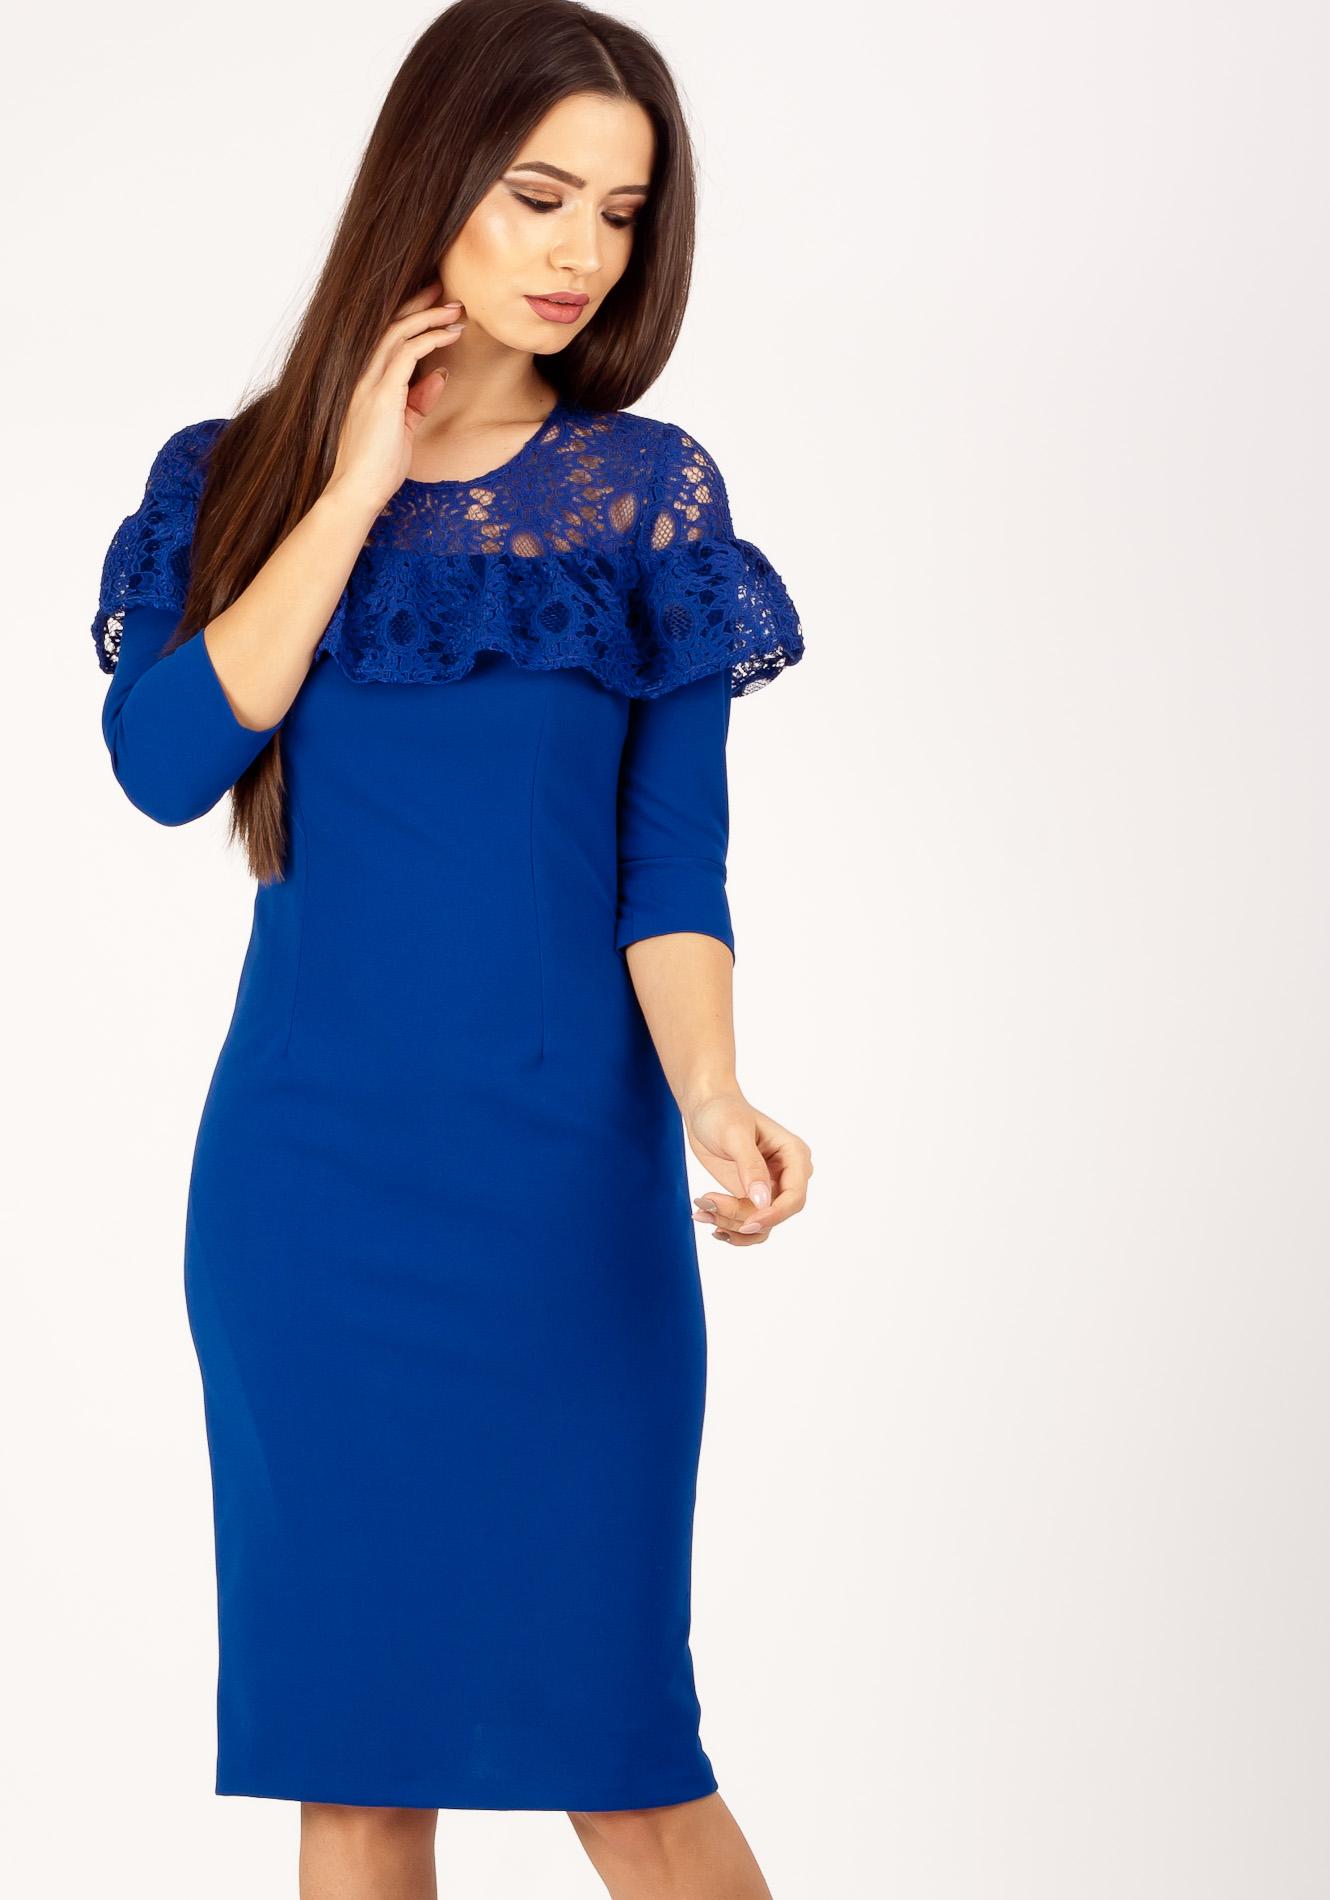 Rochie conica albastru